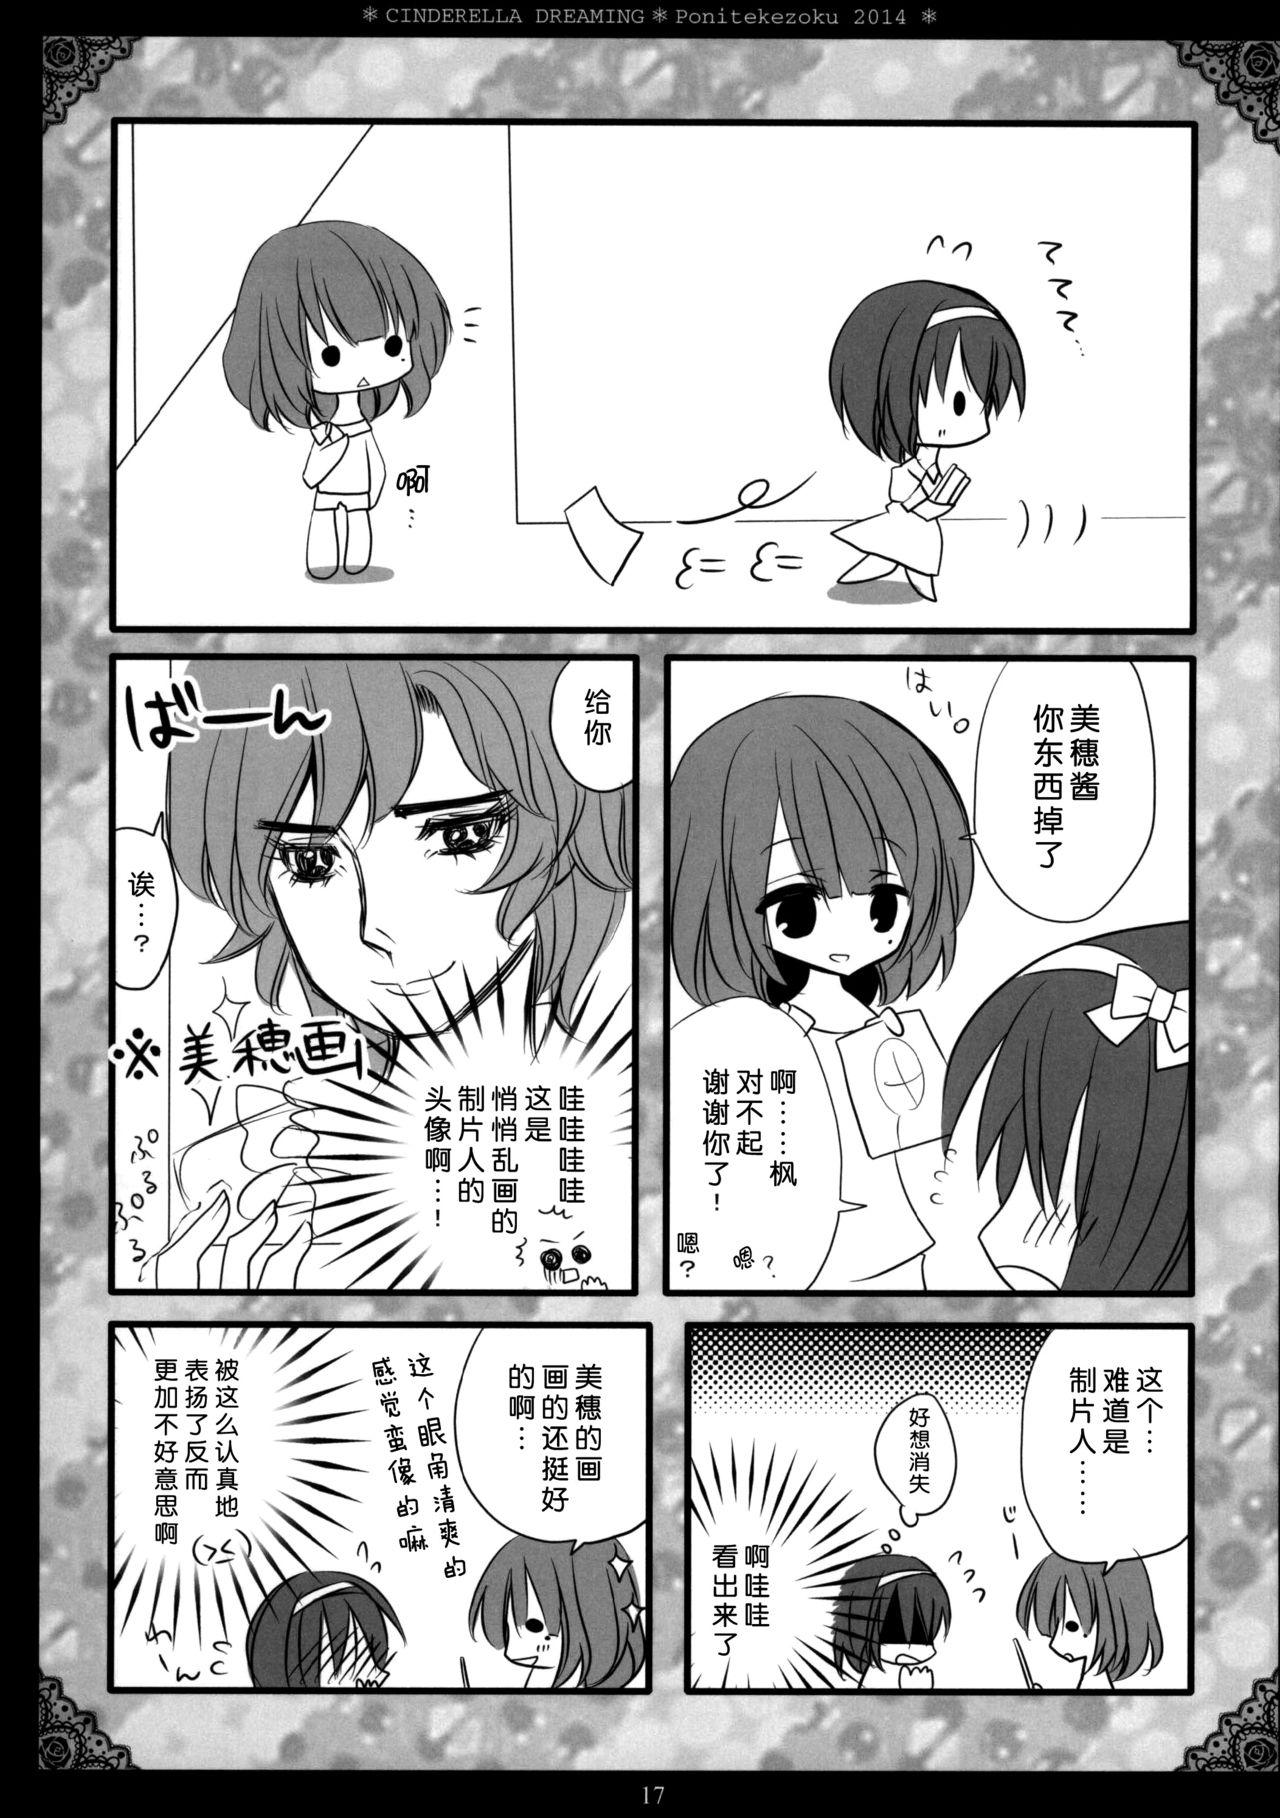 [中文a漫](サンクリ64) [ポニテケ族 (羽霜ゆき)] cinderella